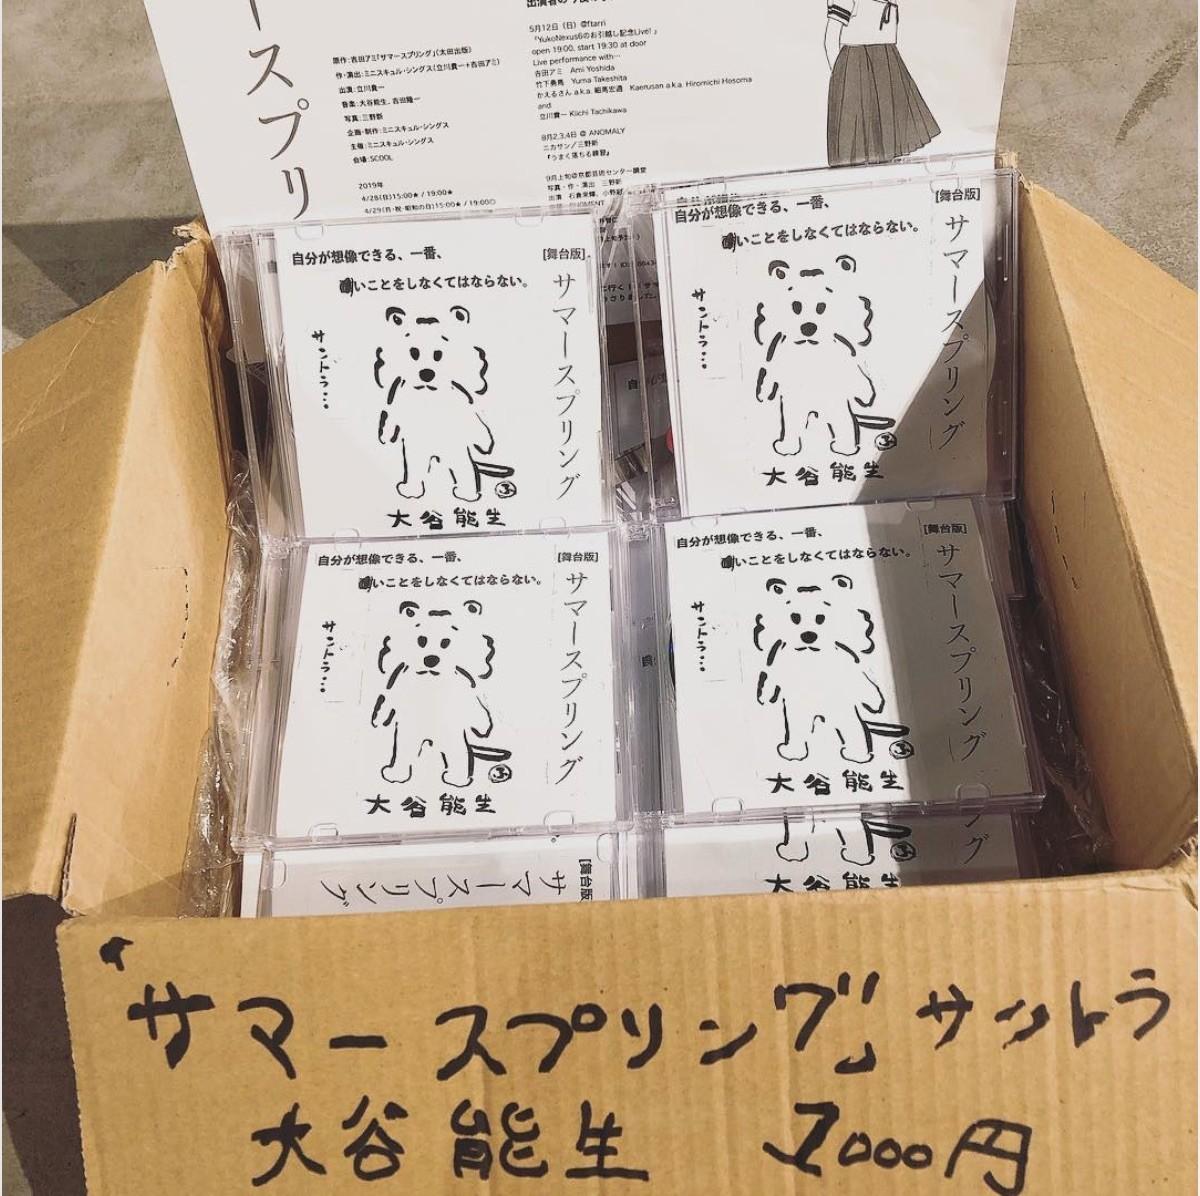 大谷能生「サマースプリング」舞台版サウンドトラック